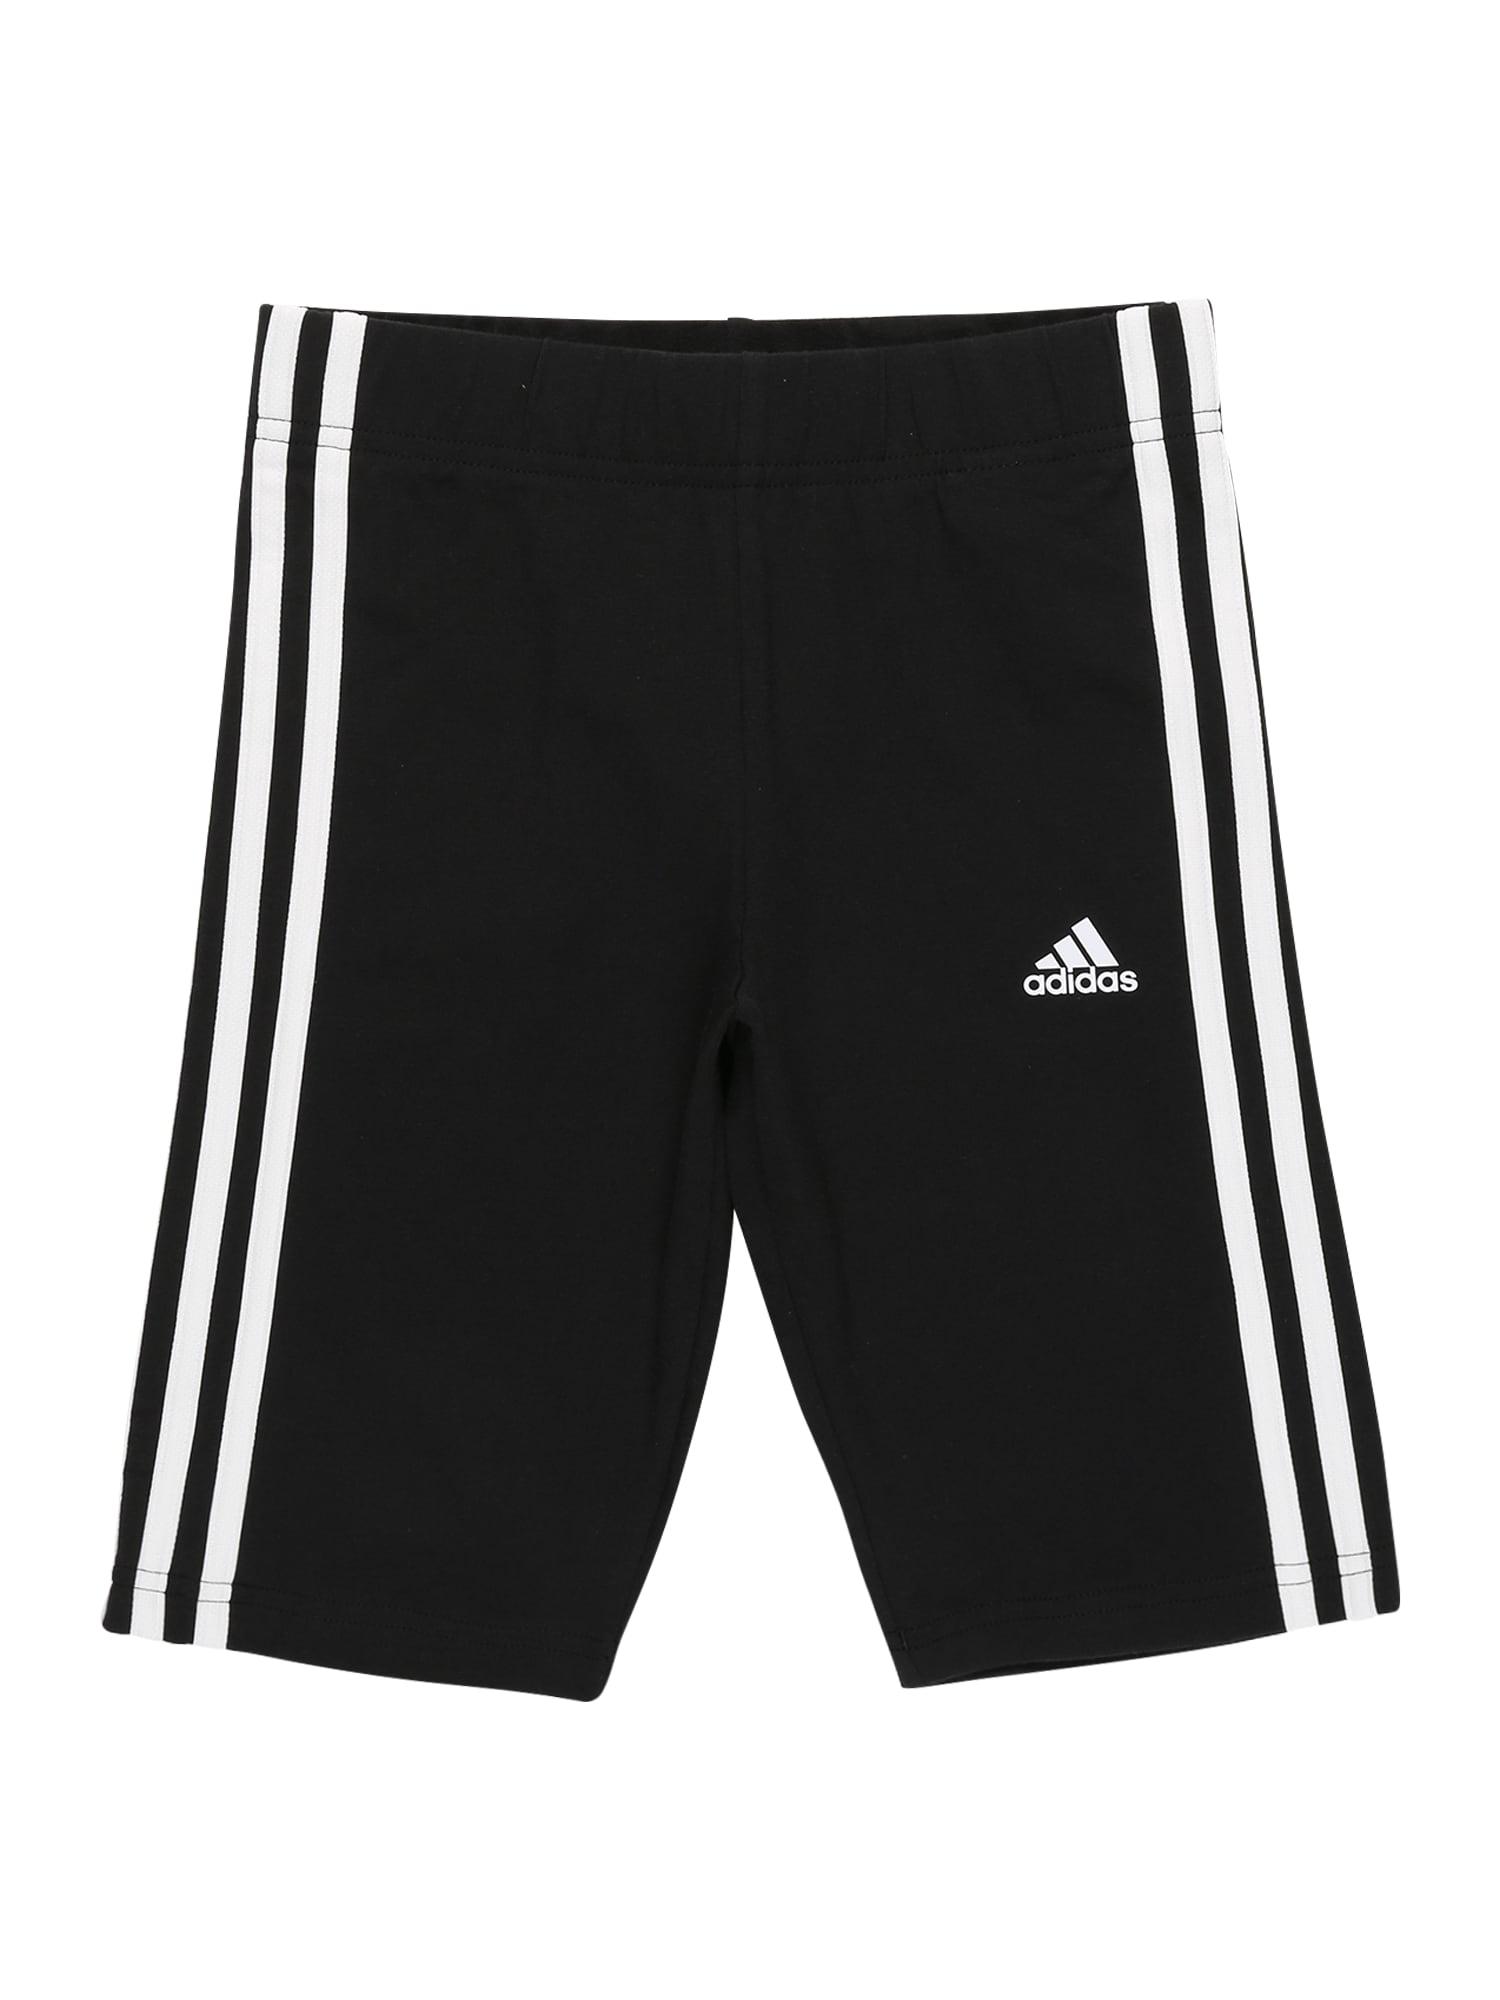 ADIDAS PERFORMANCE Sportinės kelnės 'Essentials' juoda / balta